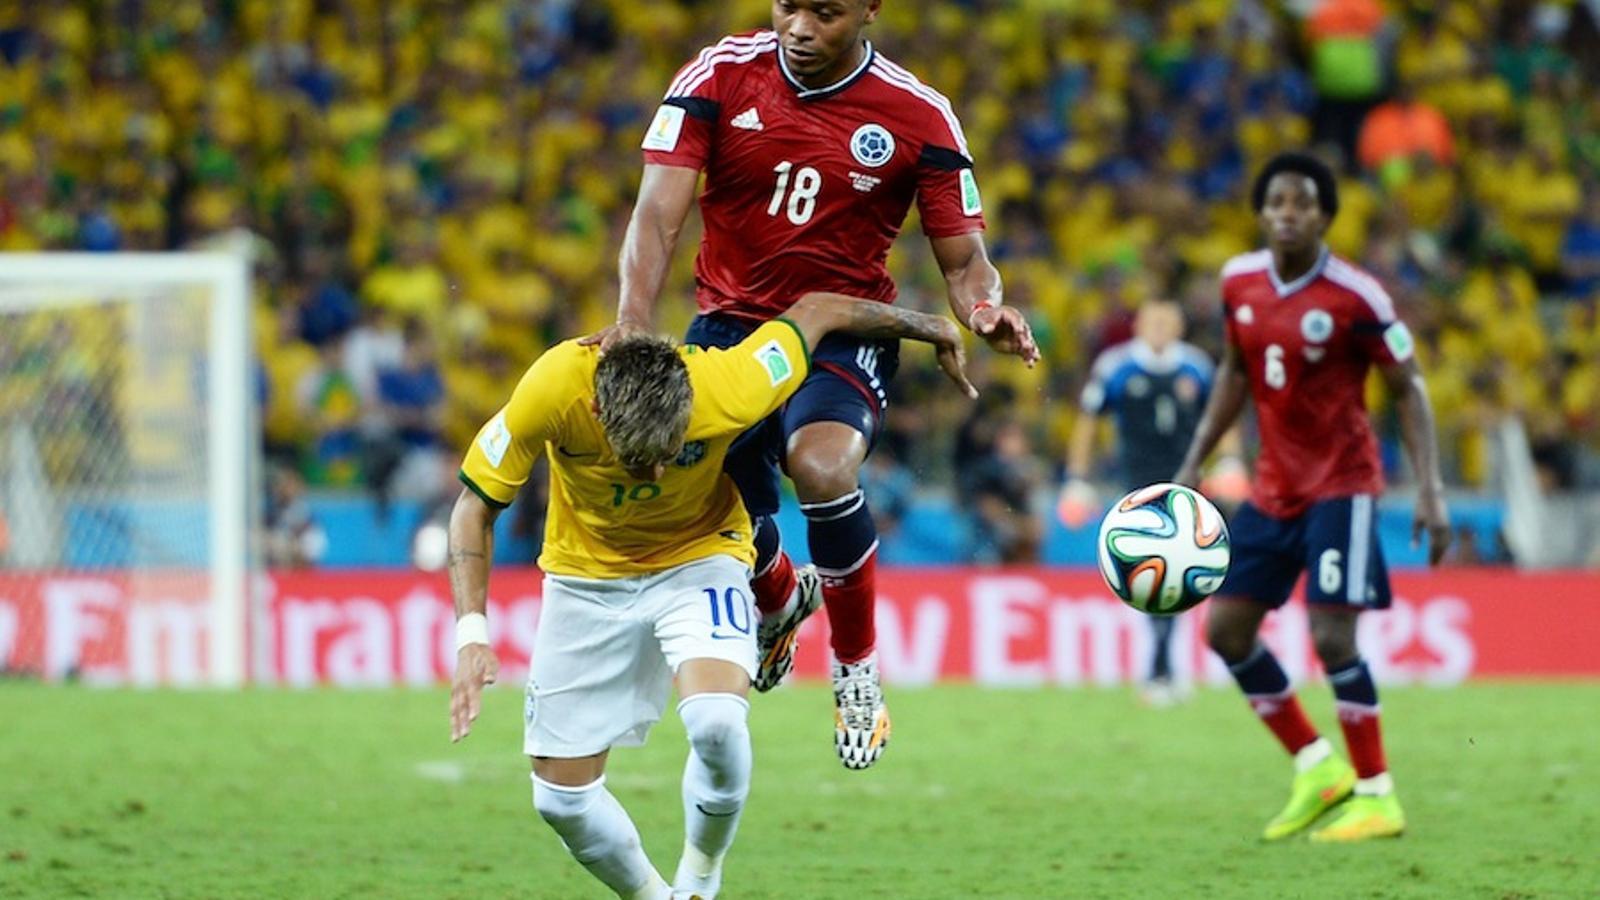 El colombià Zúñiga salta amb el genoll per davant i colpeja la zona lumbar de Neymar